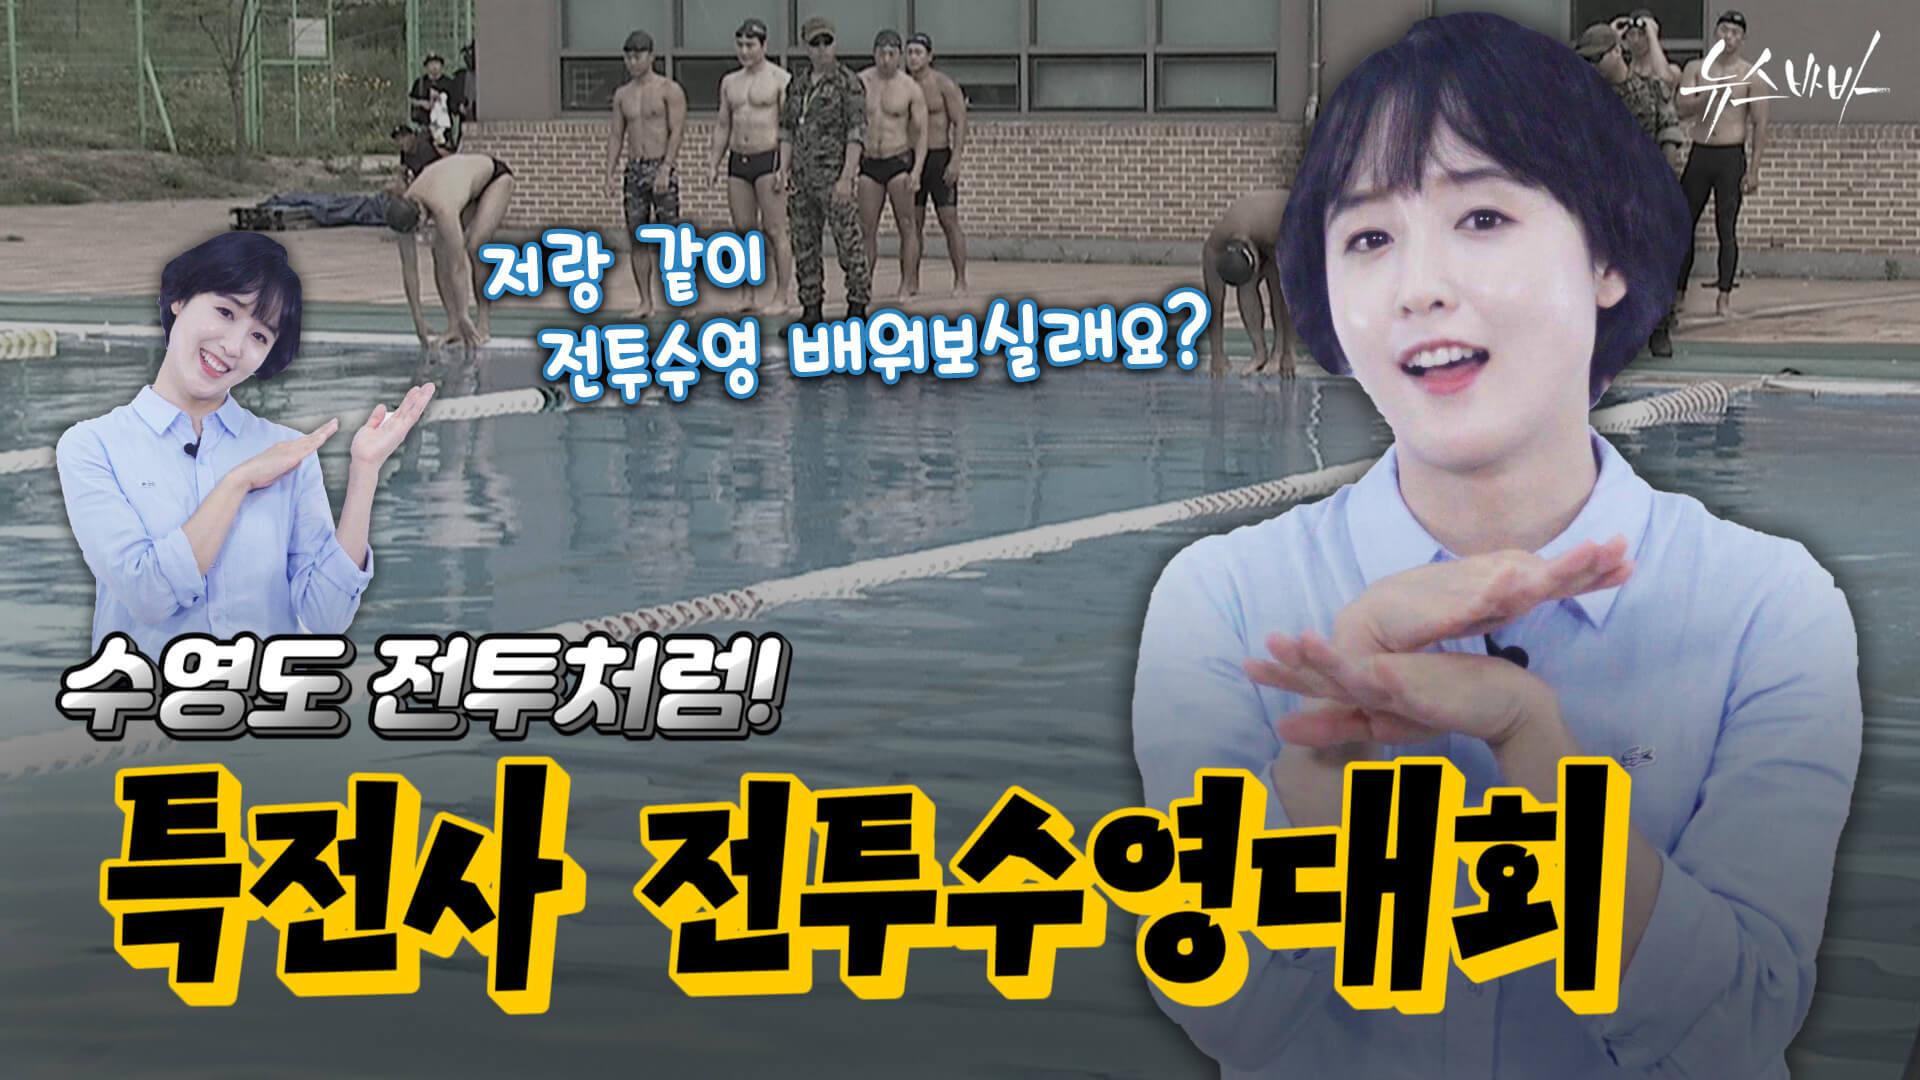 [뉴스바바] 수영도 전투처럼! 특